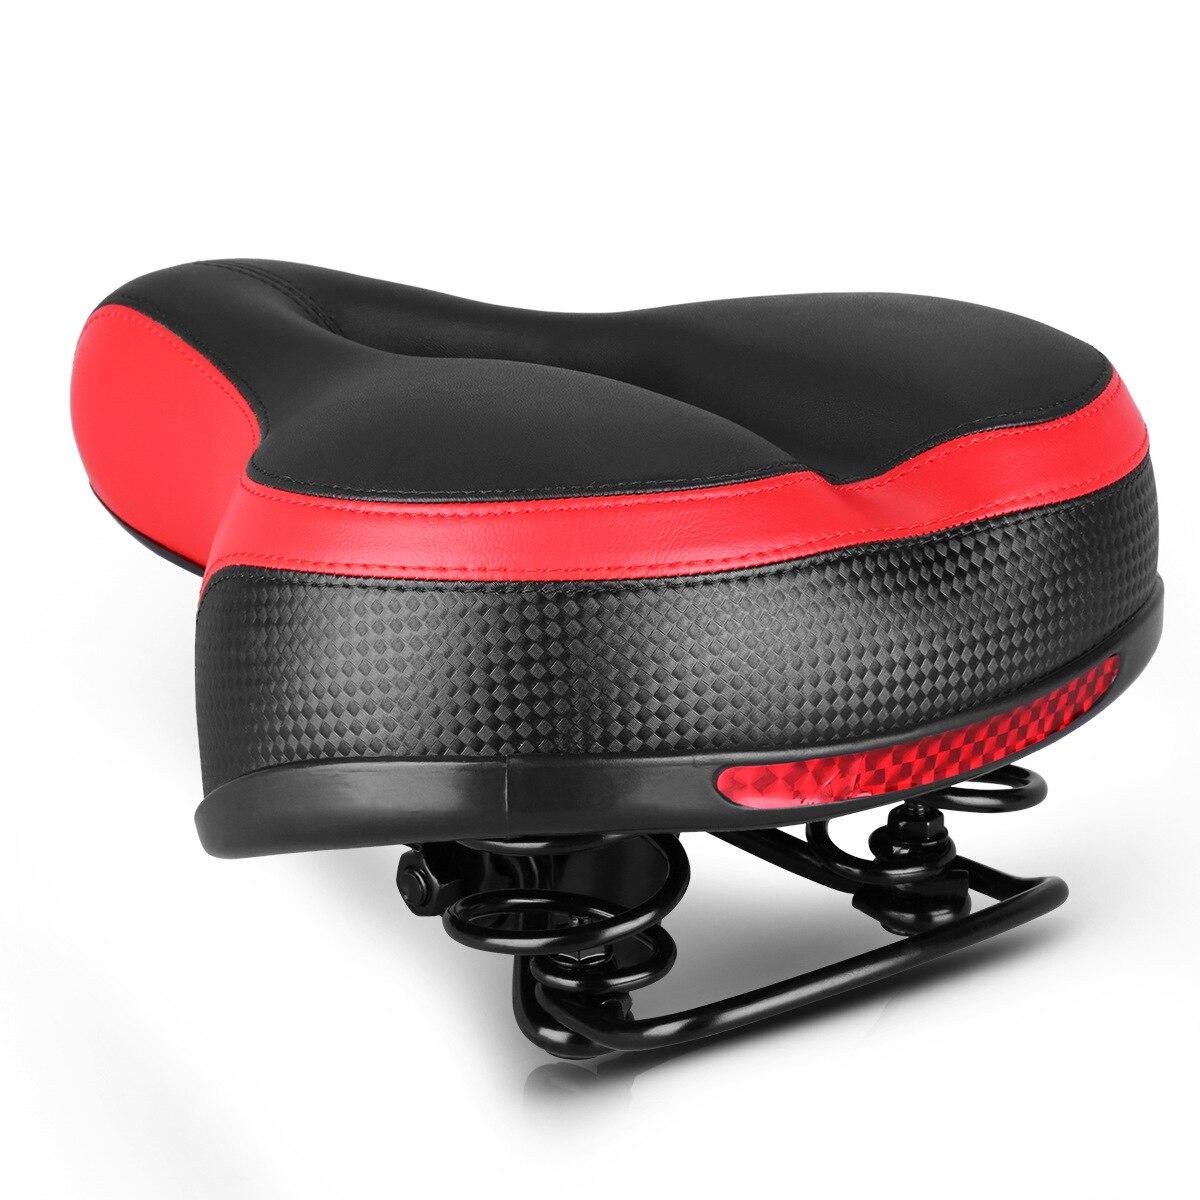 Большая прикладочная Подушечка для велосипедного сиденья сиденье для горных велосипедов Подушка для сидения Расширенная плюс мягкое толс...